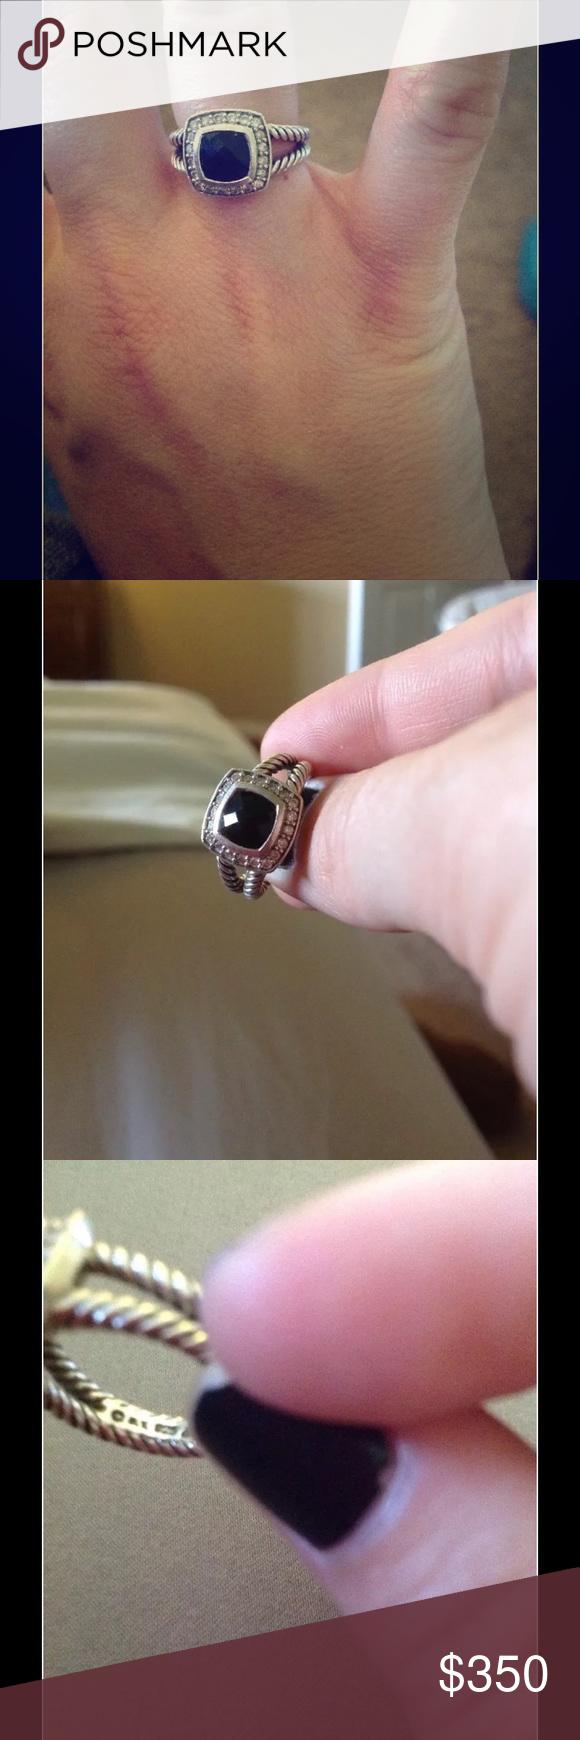 💯 Authentic David Yurman Ring | My Posh Picks | Pinterest | Ring ...